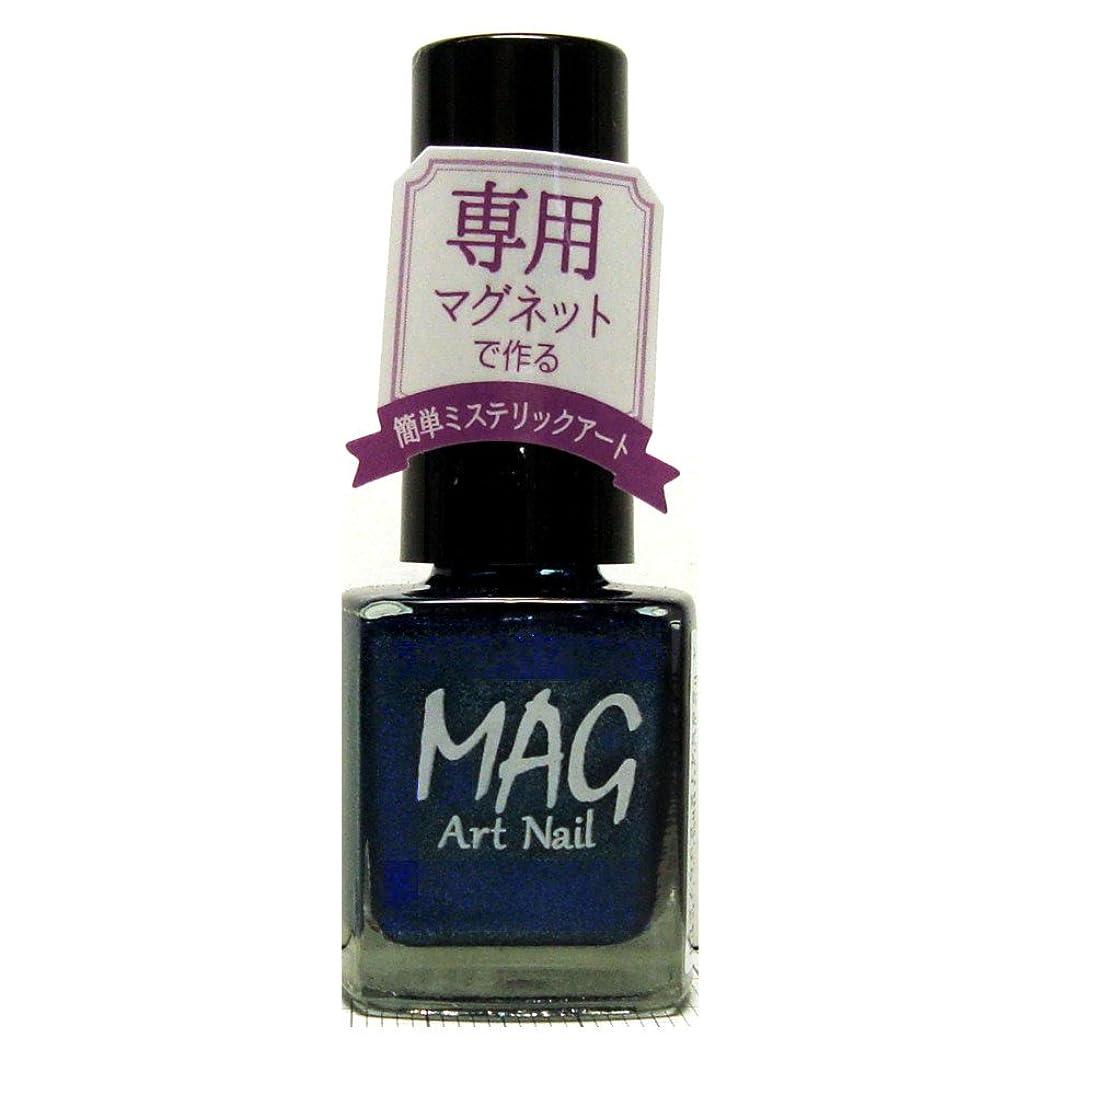 接尾辞見習い写真撮影TMマグアートネイル(爪化粧料) TMMA1605 ナイトブルー